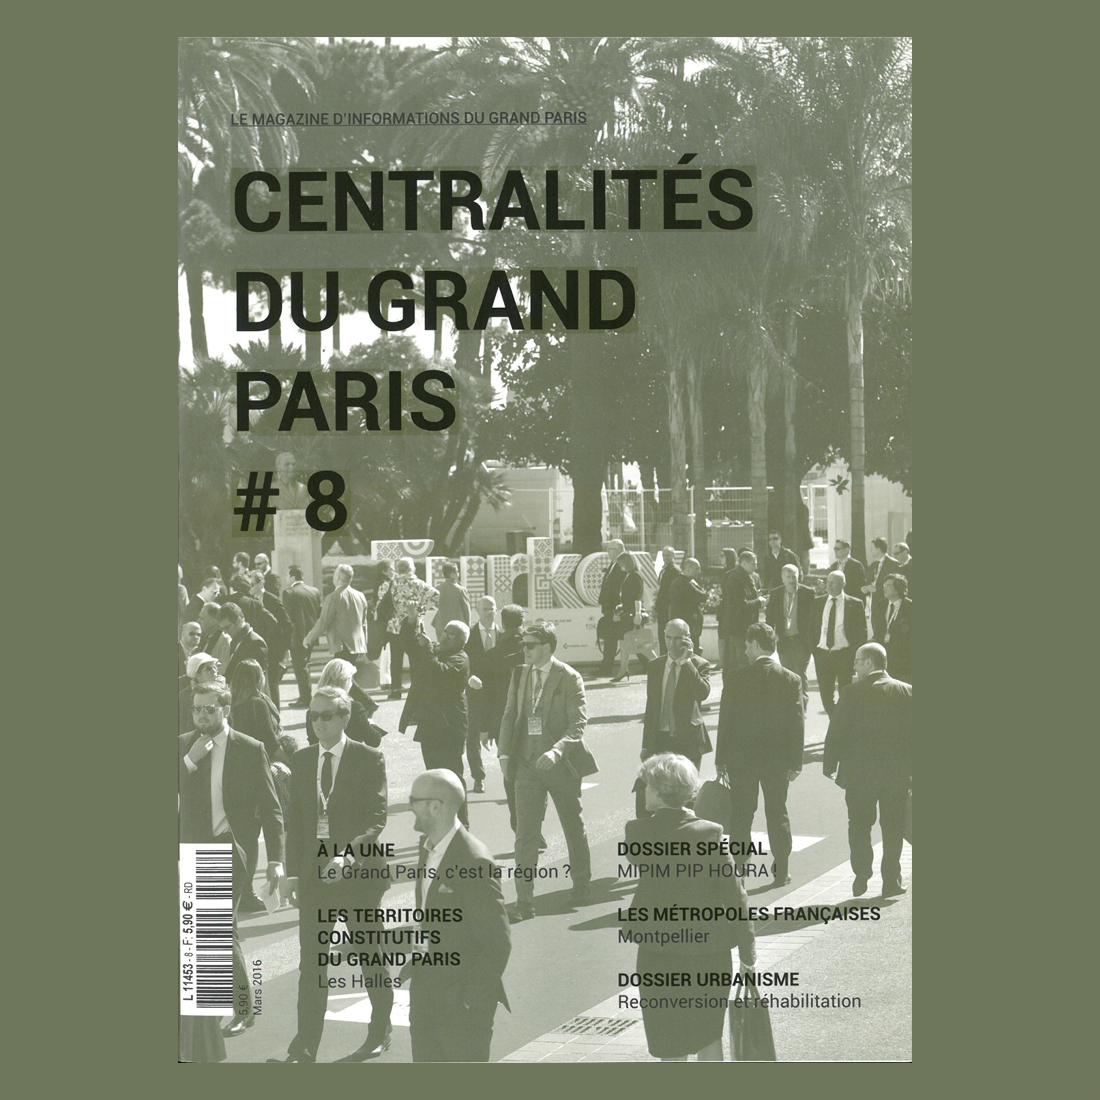 Centralités du Grand Paris N°8 | Brenac & Gonzalez et Associés